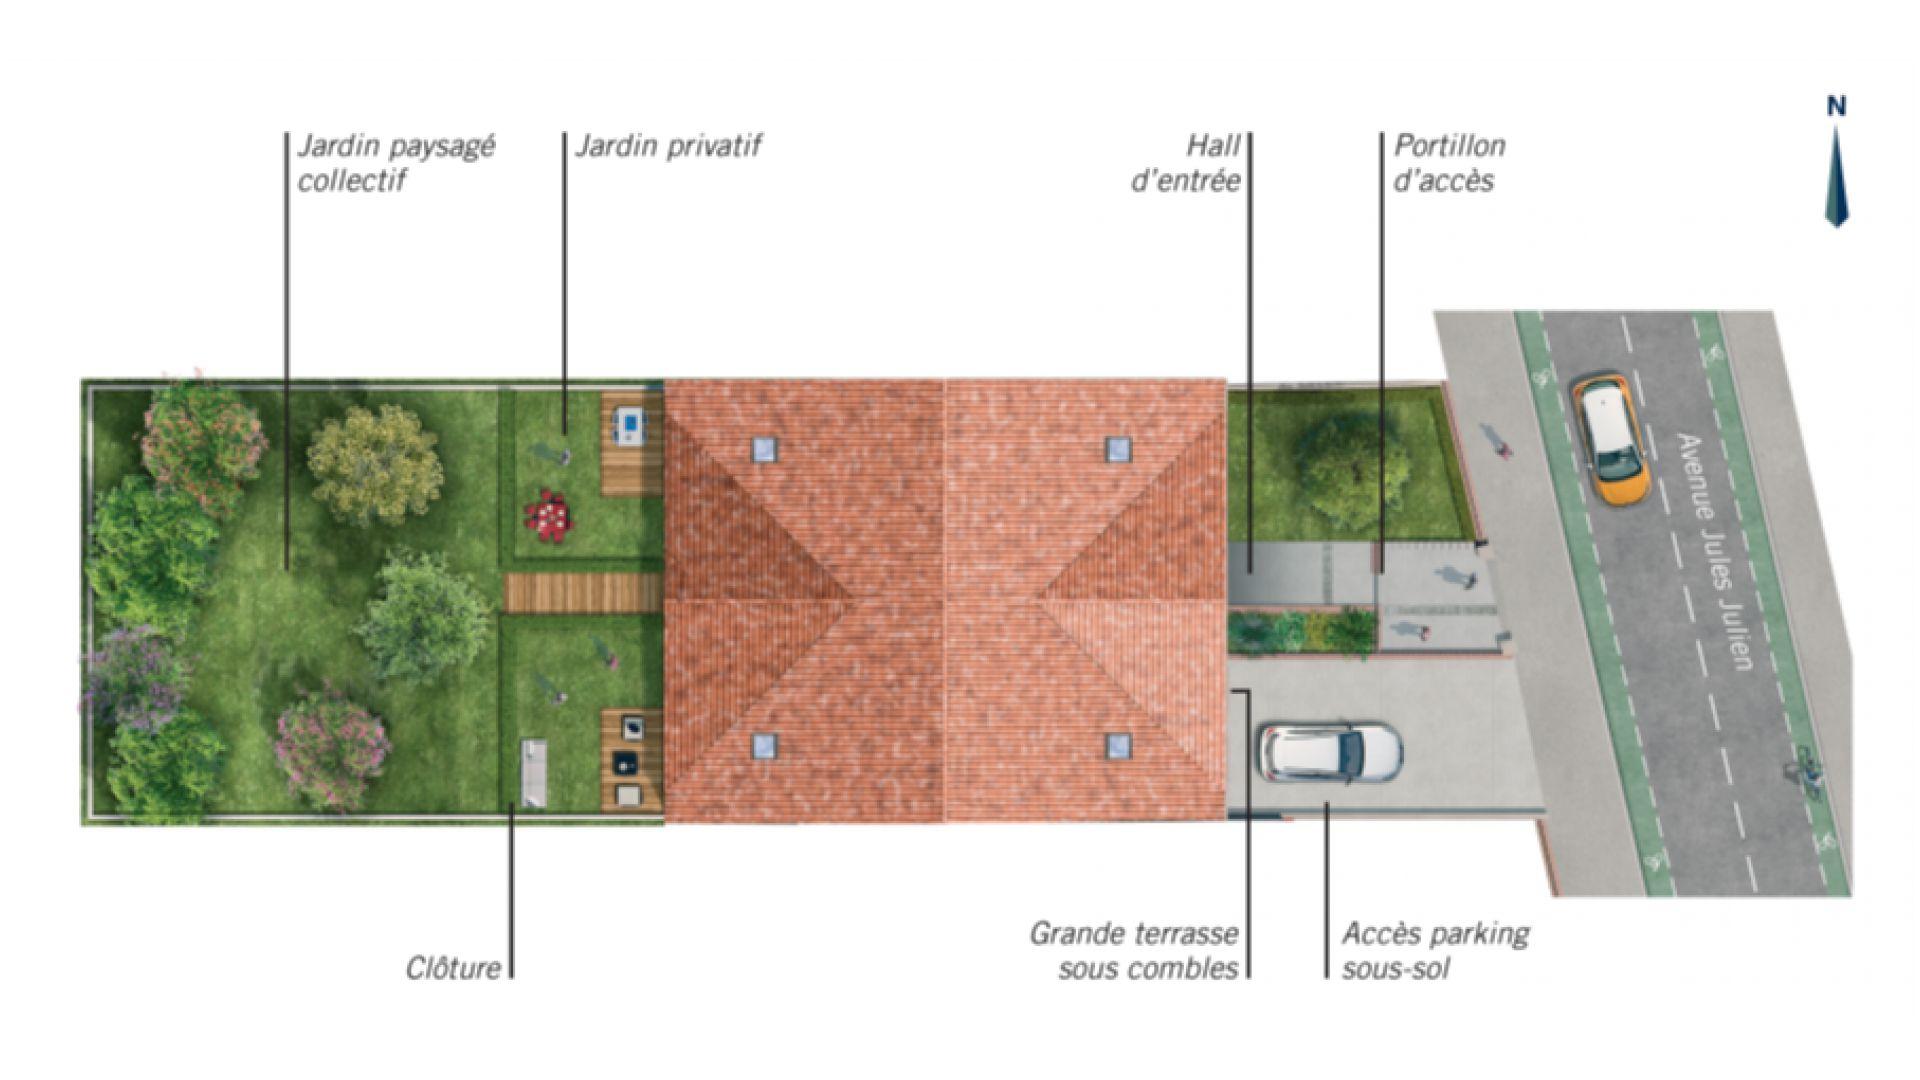 Greencity Immobilier - Résidence Les Beaux Arts - Toulouse Jules Julien - 31400 - plan de masse